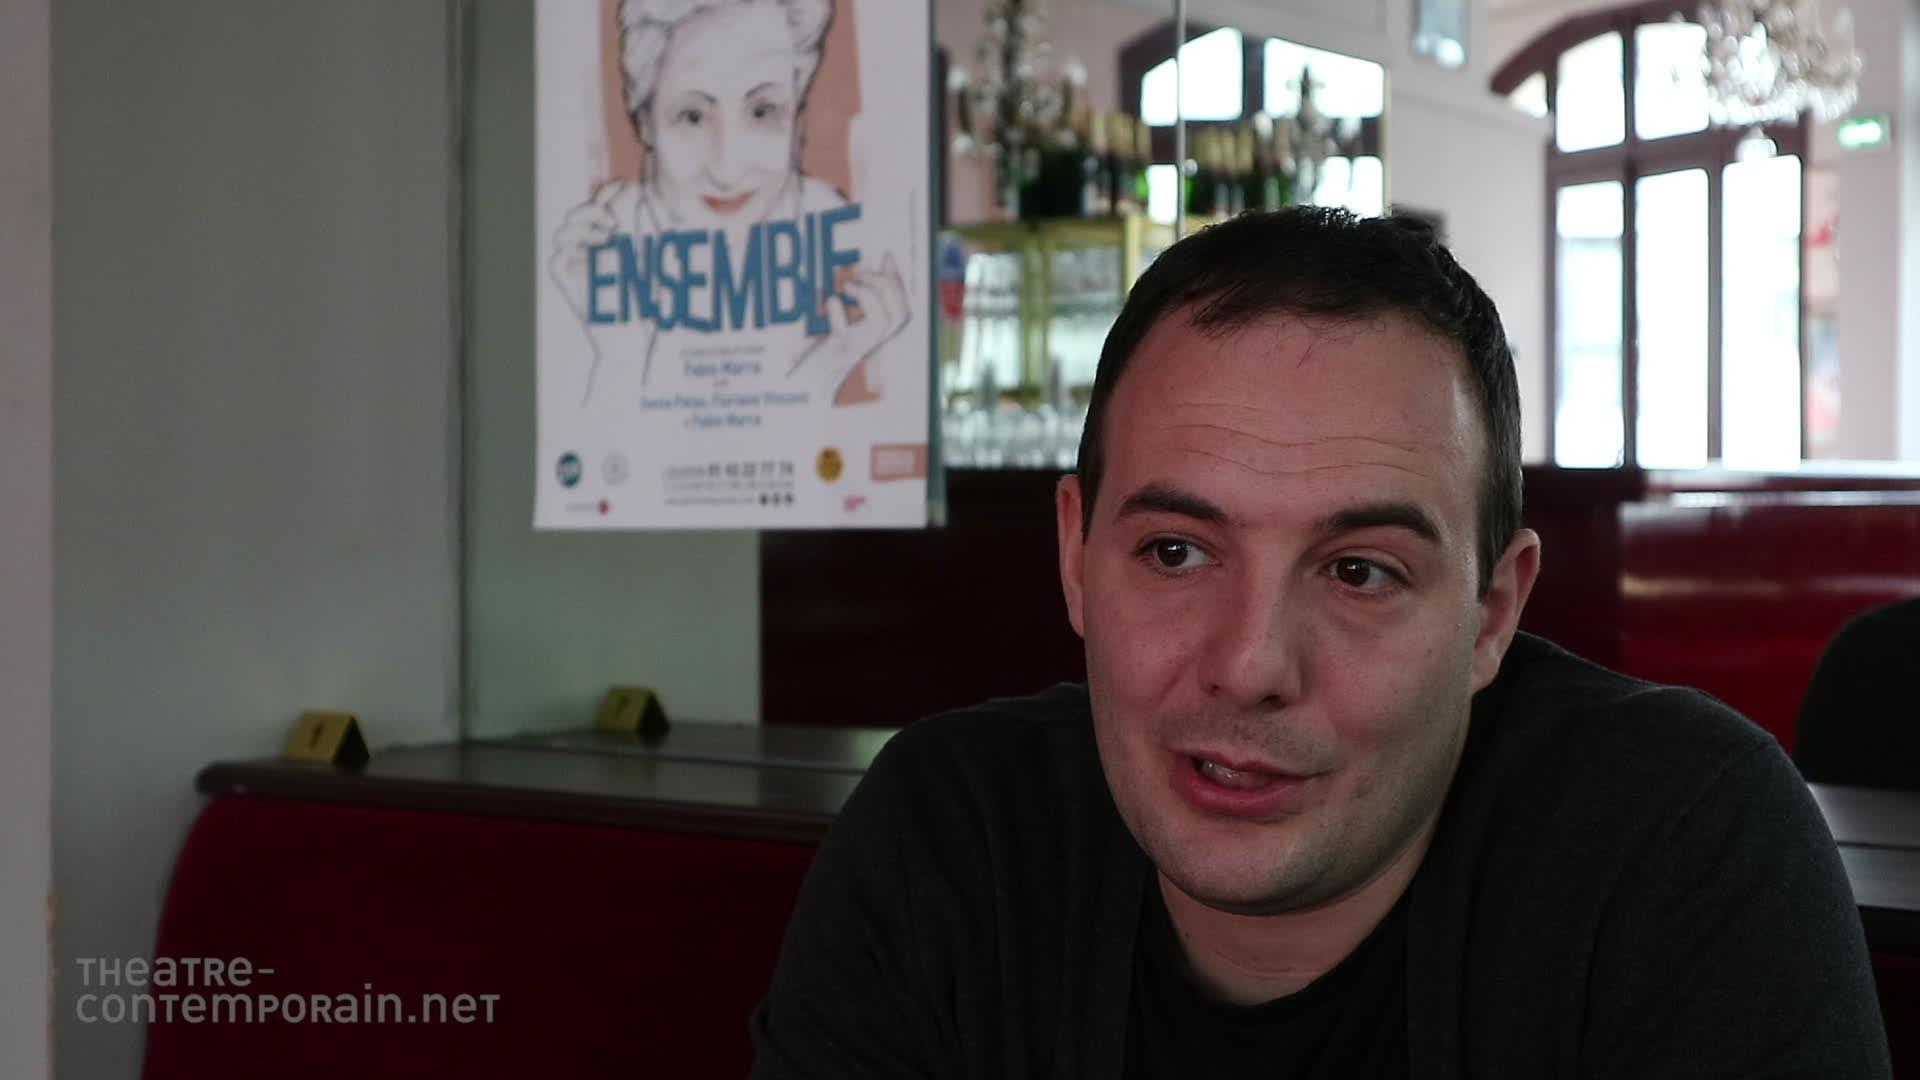 """Image de la vidéo pour 'A propos de """"Ensemble""""'"""